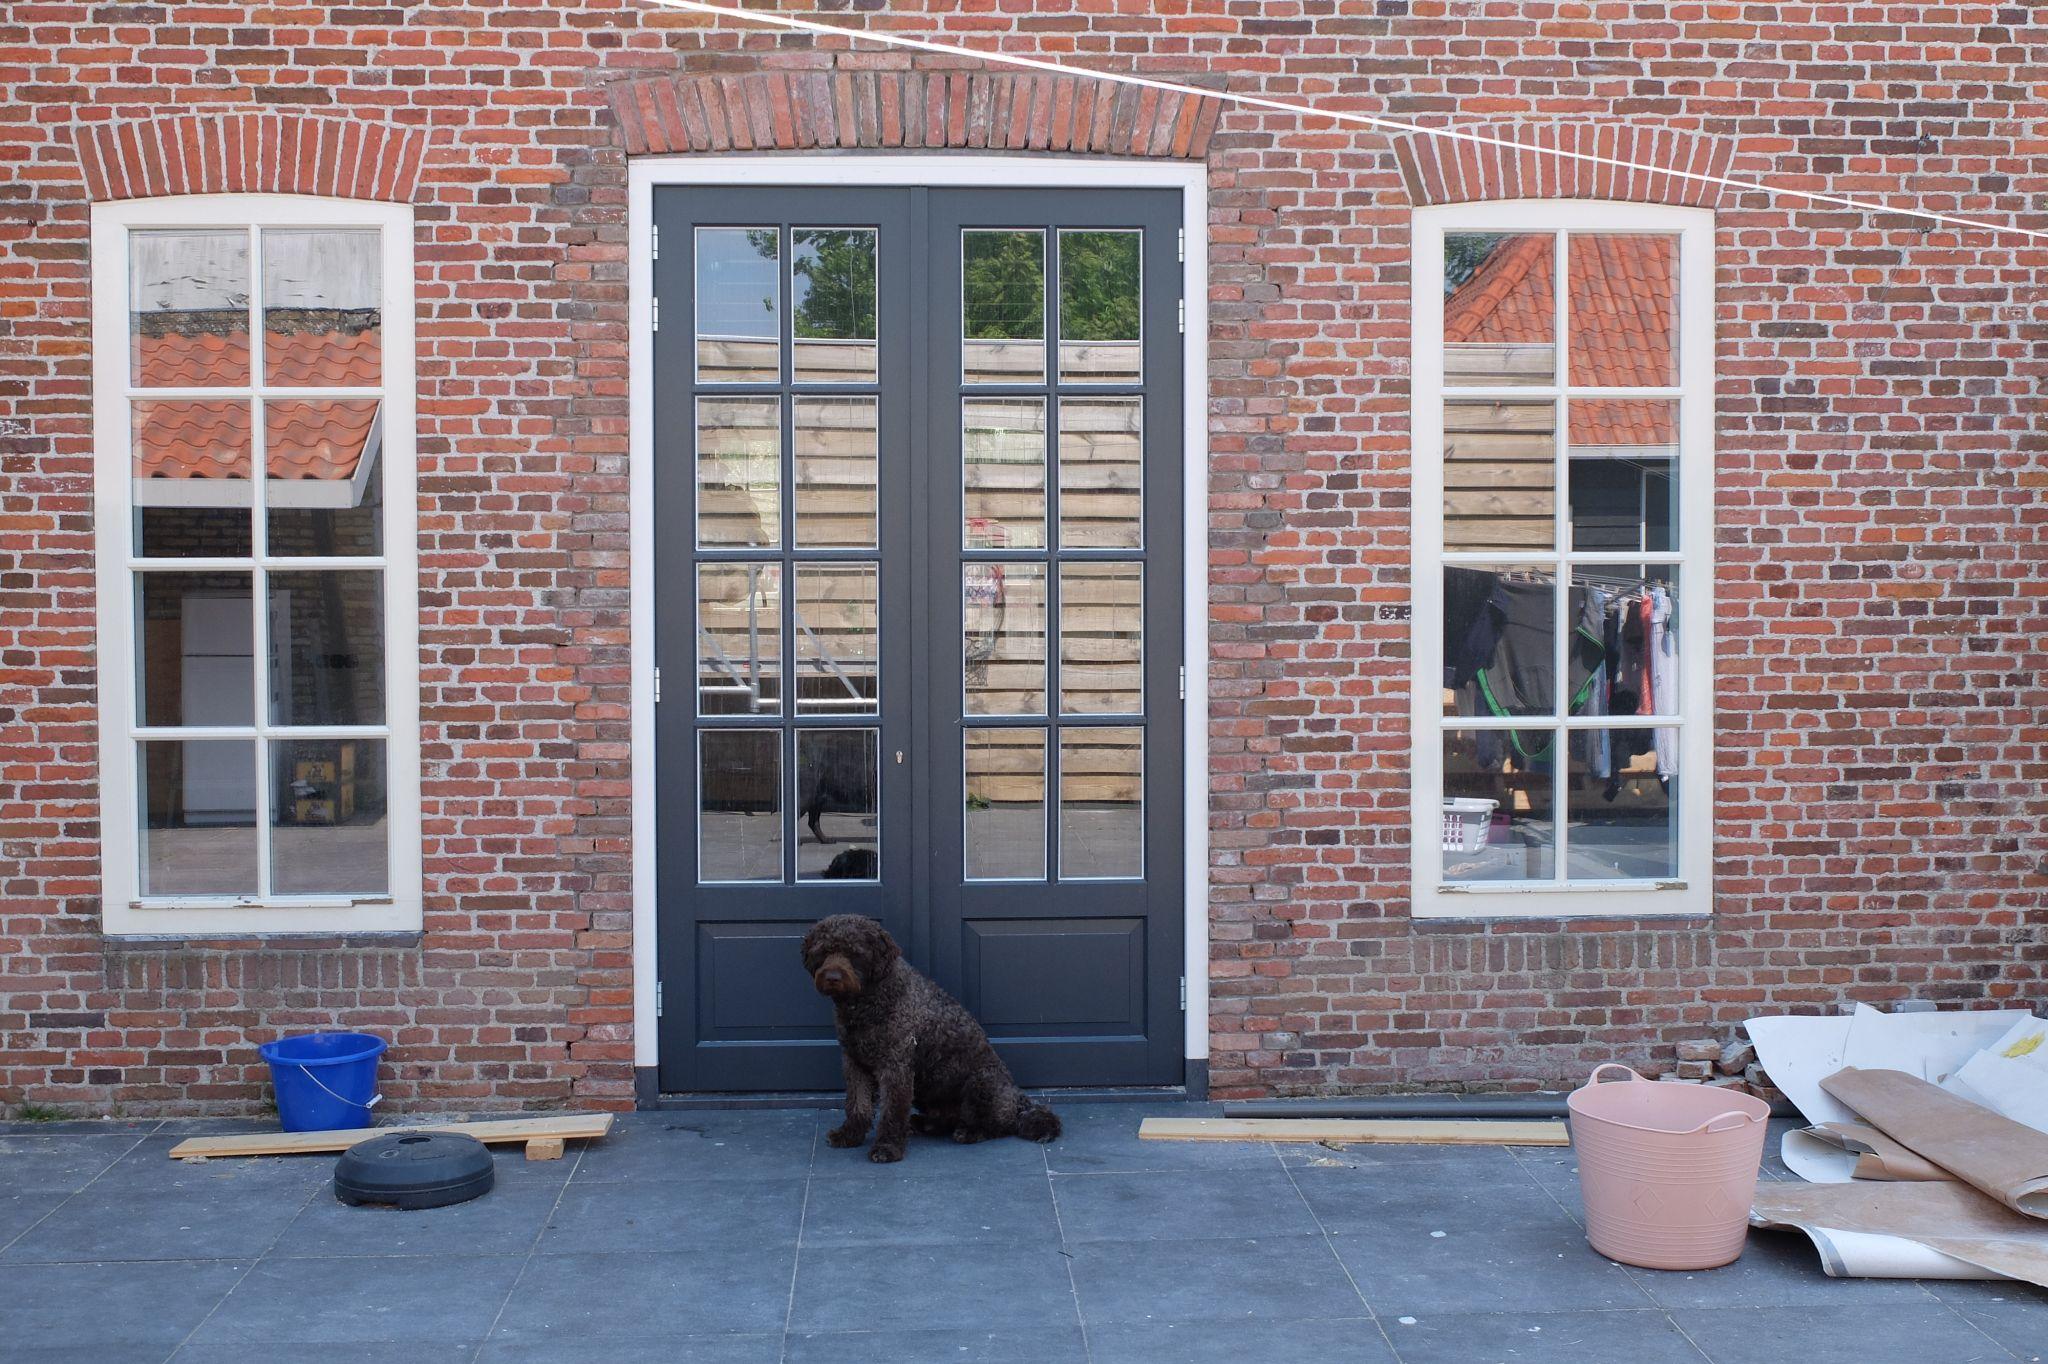 Vloer woonkamer en keuken: kleuradvies voor de woonkamer en keuken ...